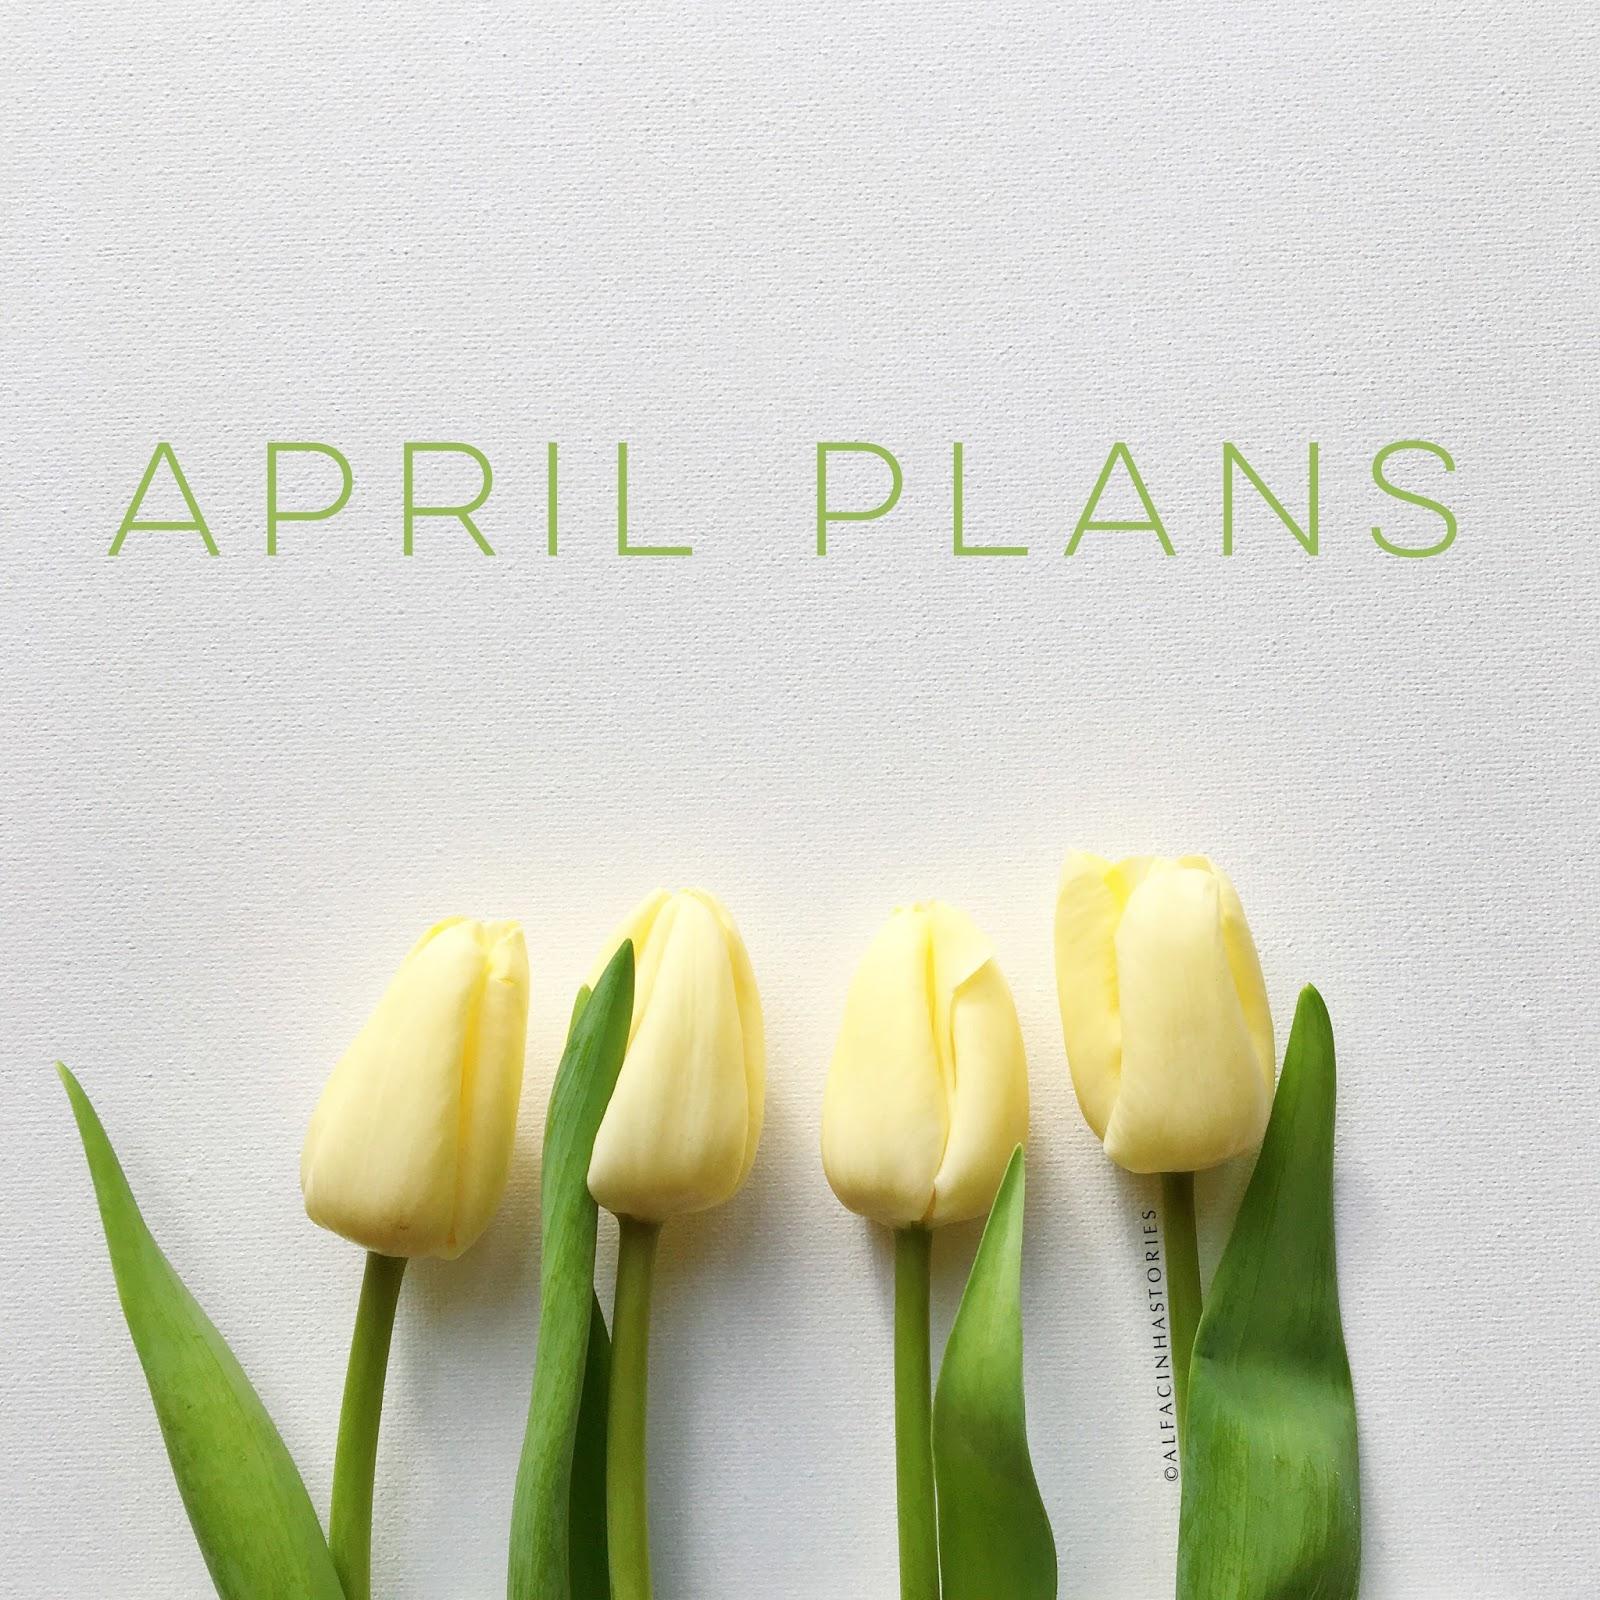 April Plans